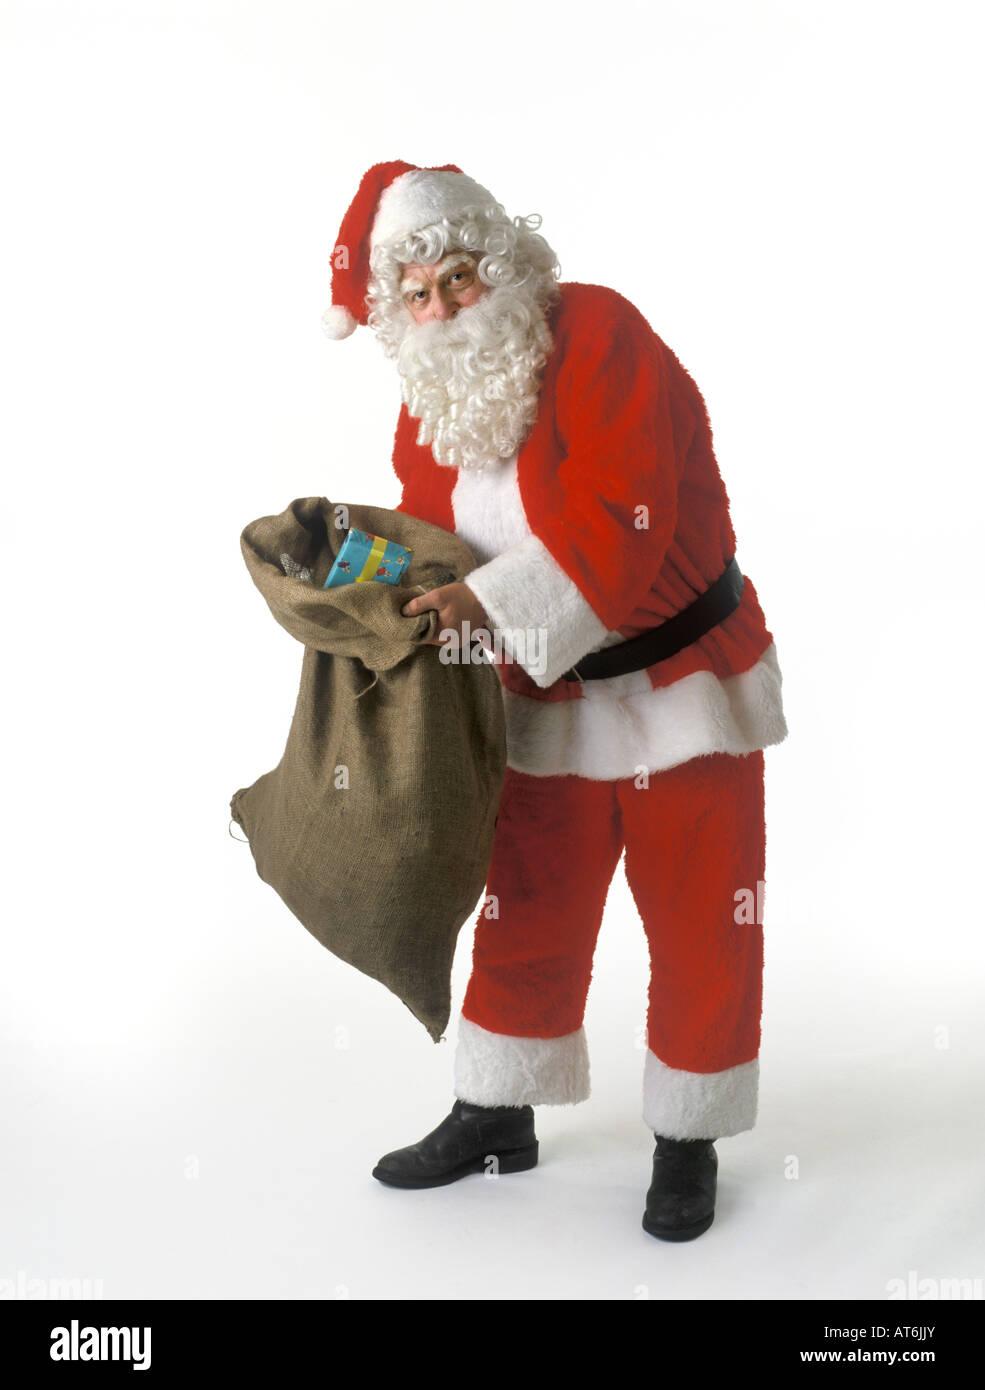 Weihnachtsmann einen Sack voller Geschenke Stockbild